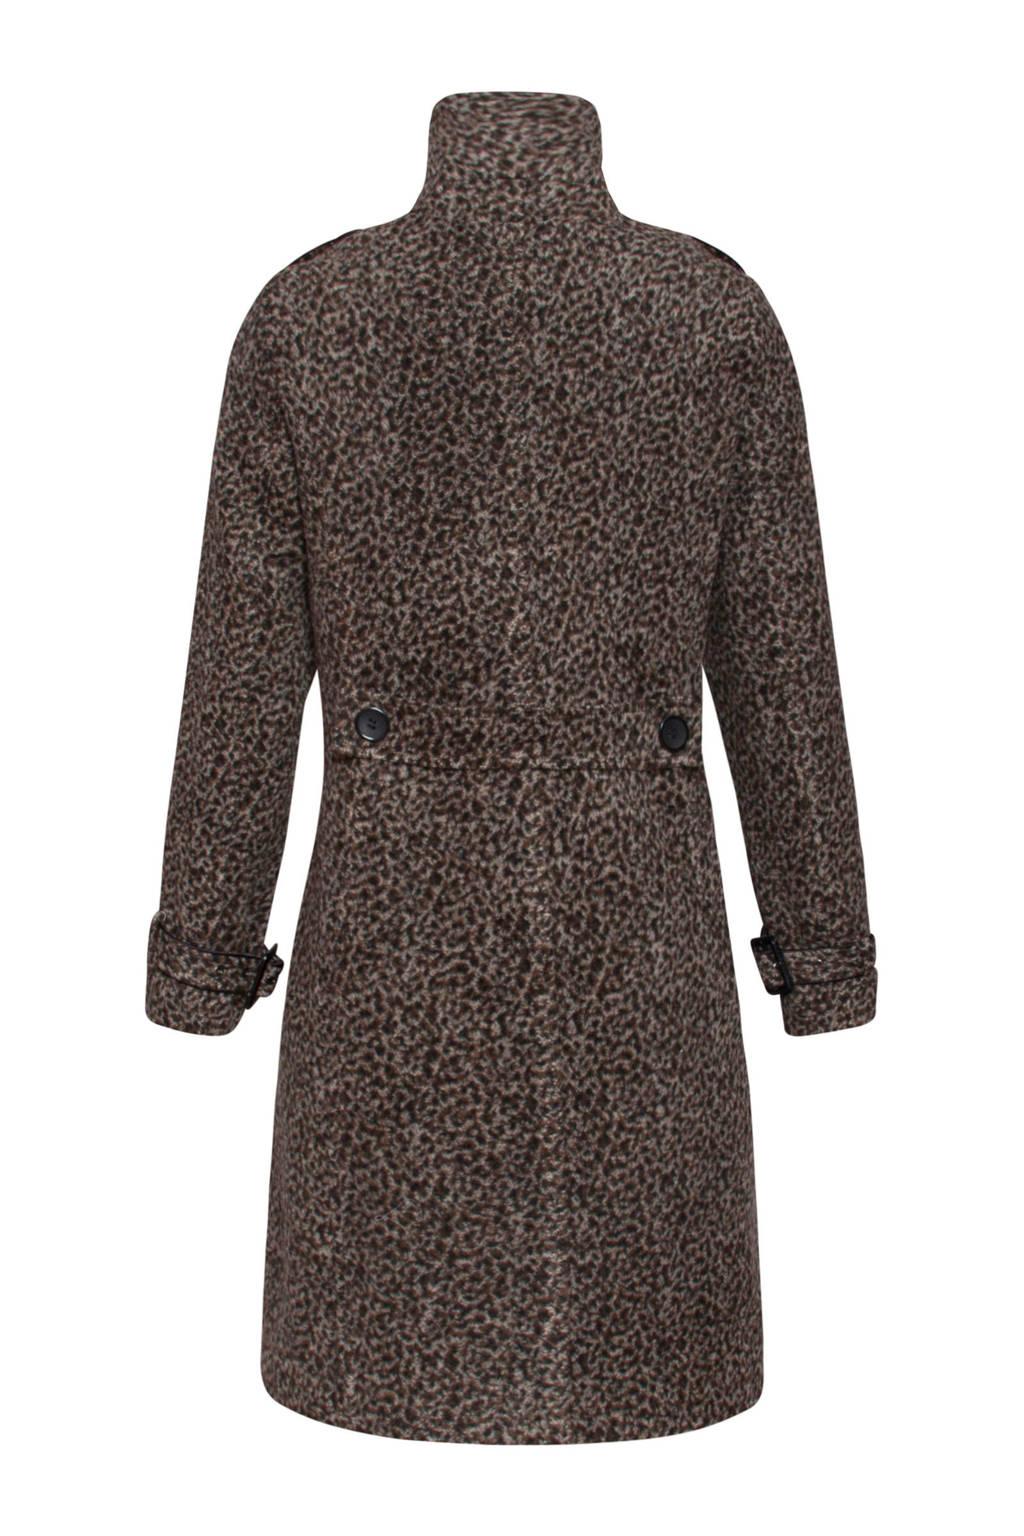 Smashed Lemon coat met dierenprint bruin/beige/zwart, Bruin/beige/zwart